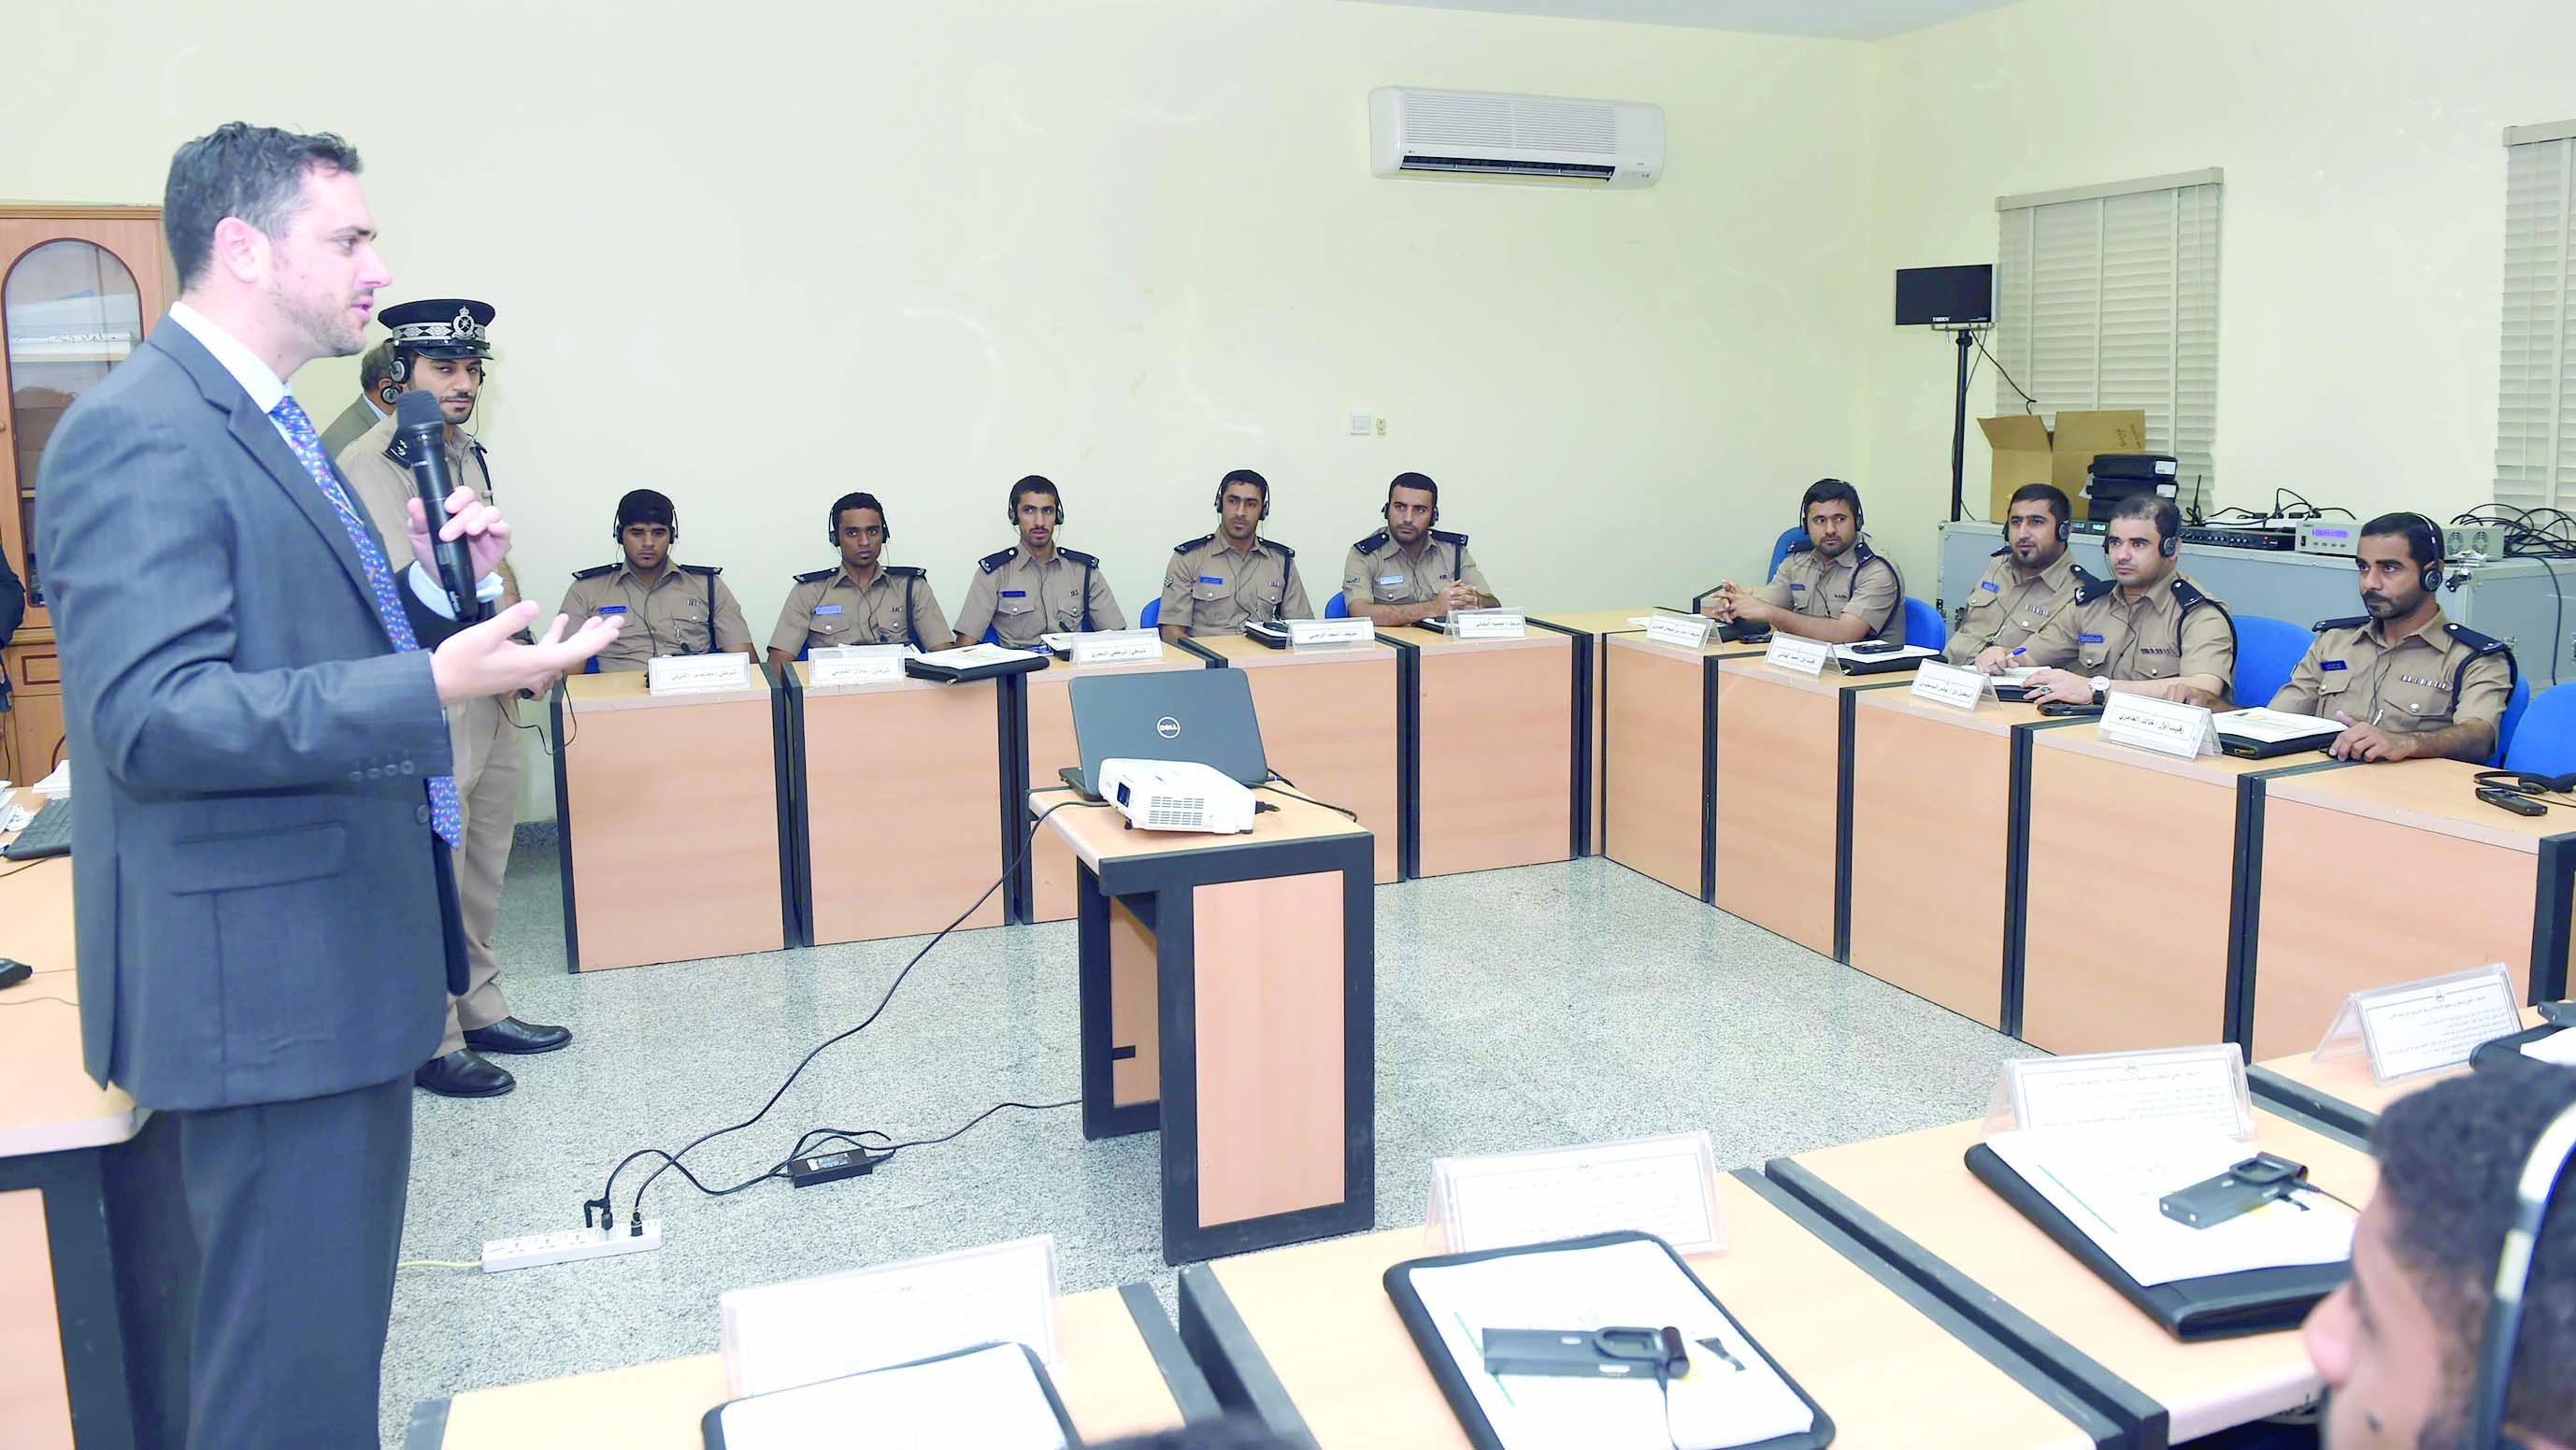 الشرطة تنفذ دورة تدريبية حول فحص وثائق السفر